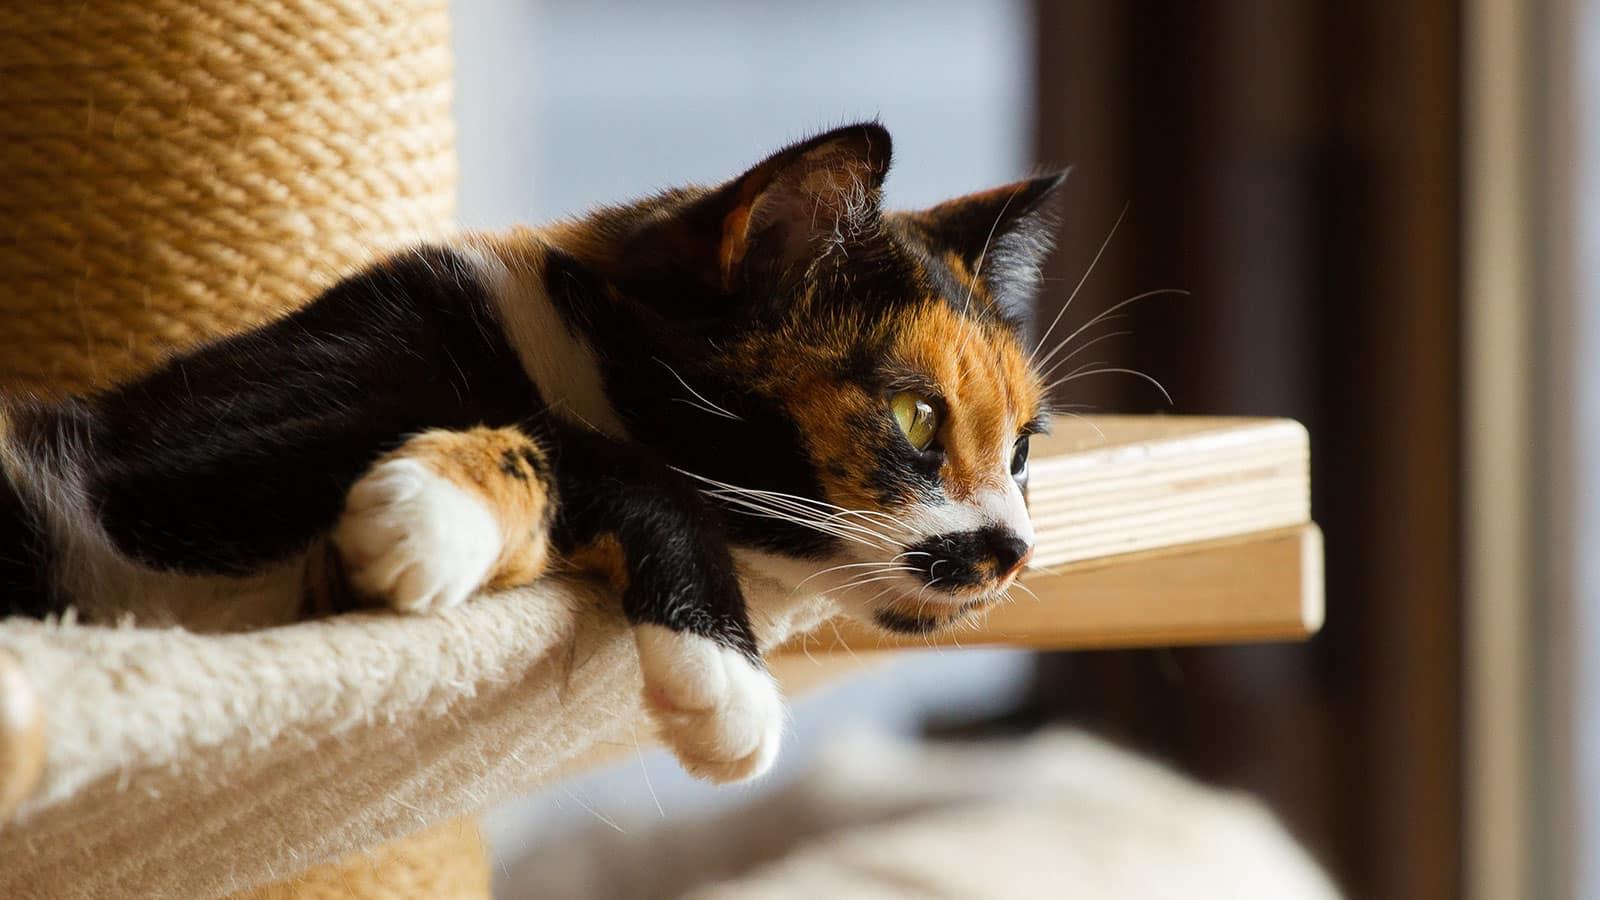 Gatos tricolores, o que são? Características, espécies e curiosidades